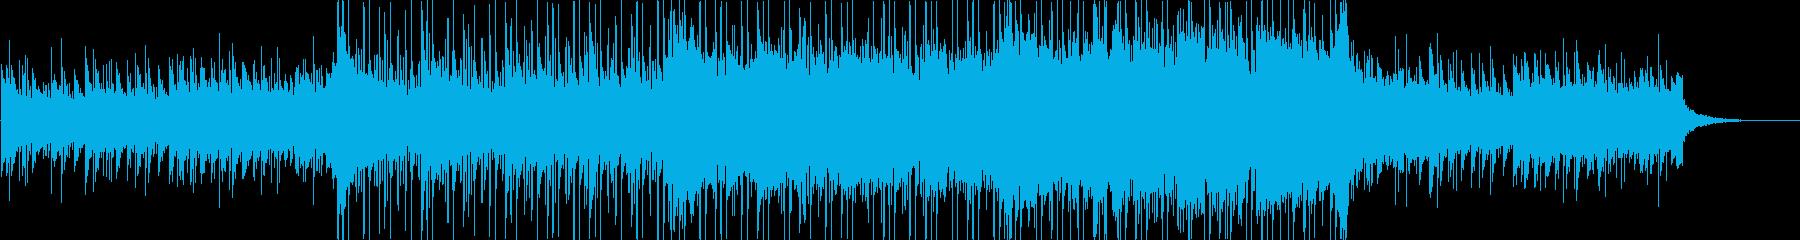 ドラマチックで感情に訴える神秘的サウンドの再生済みの波形